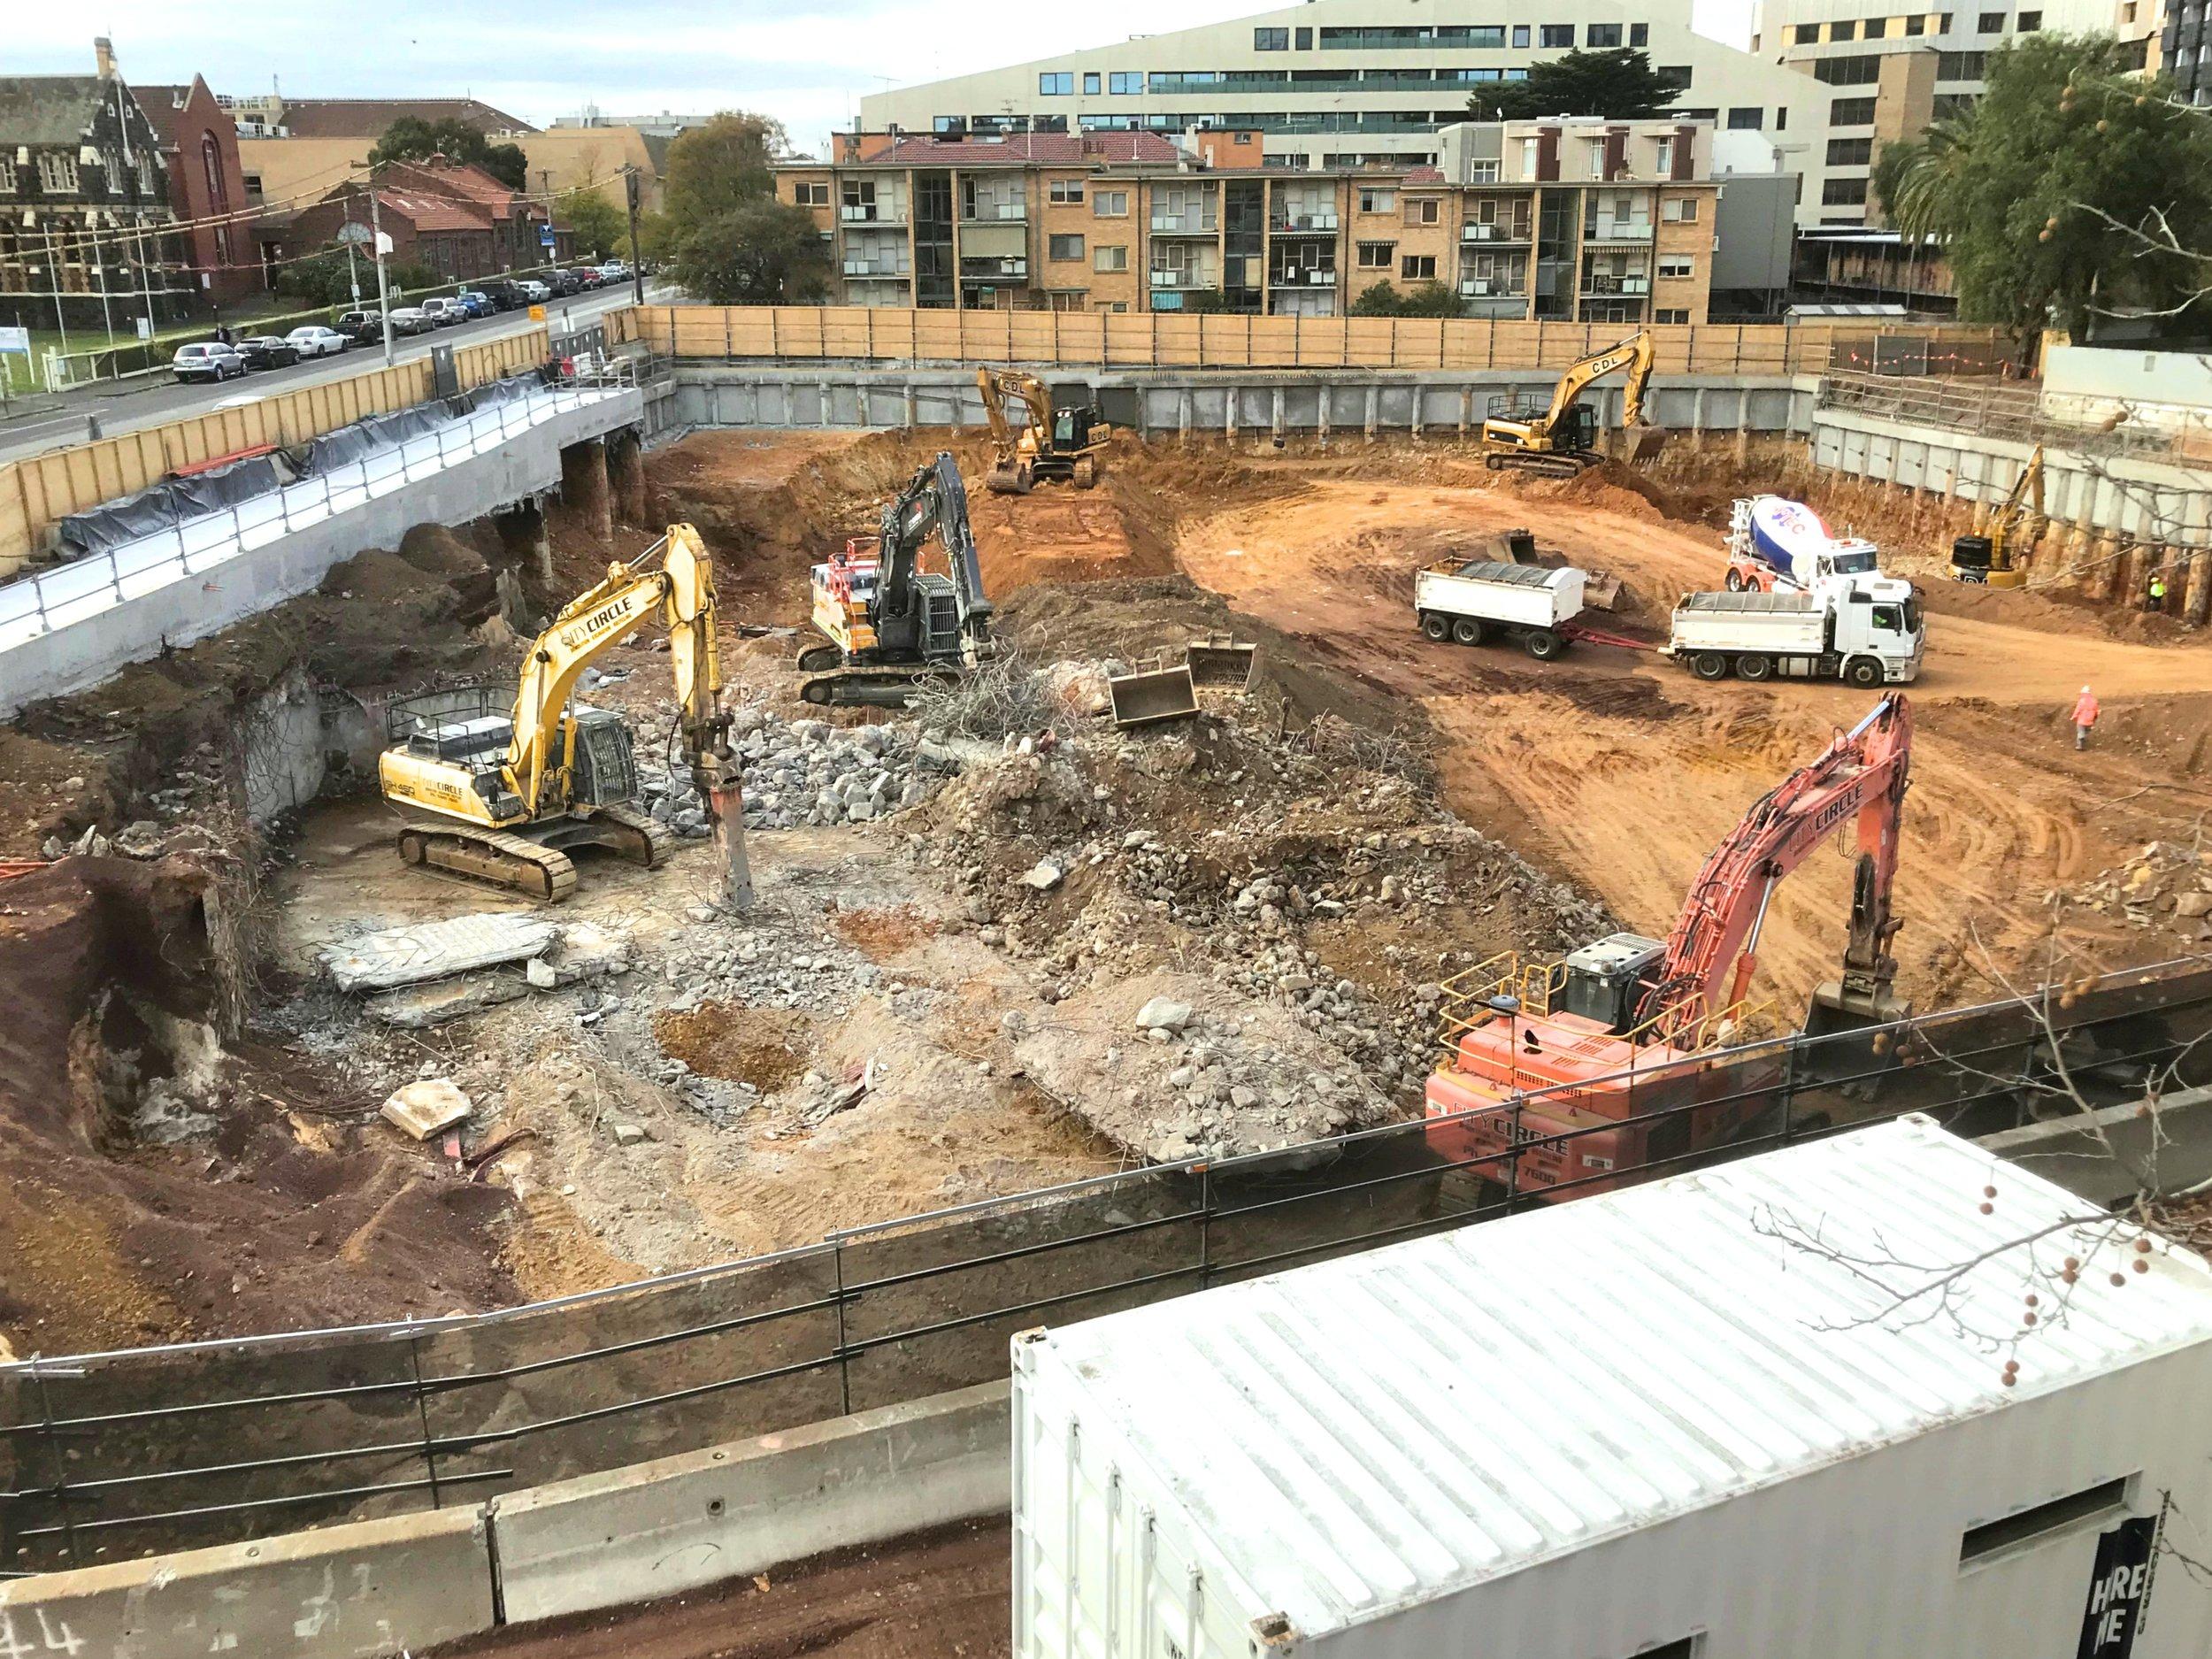 2018-06-13 St Boulevard Construction Update.jpg